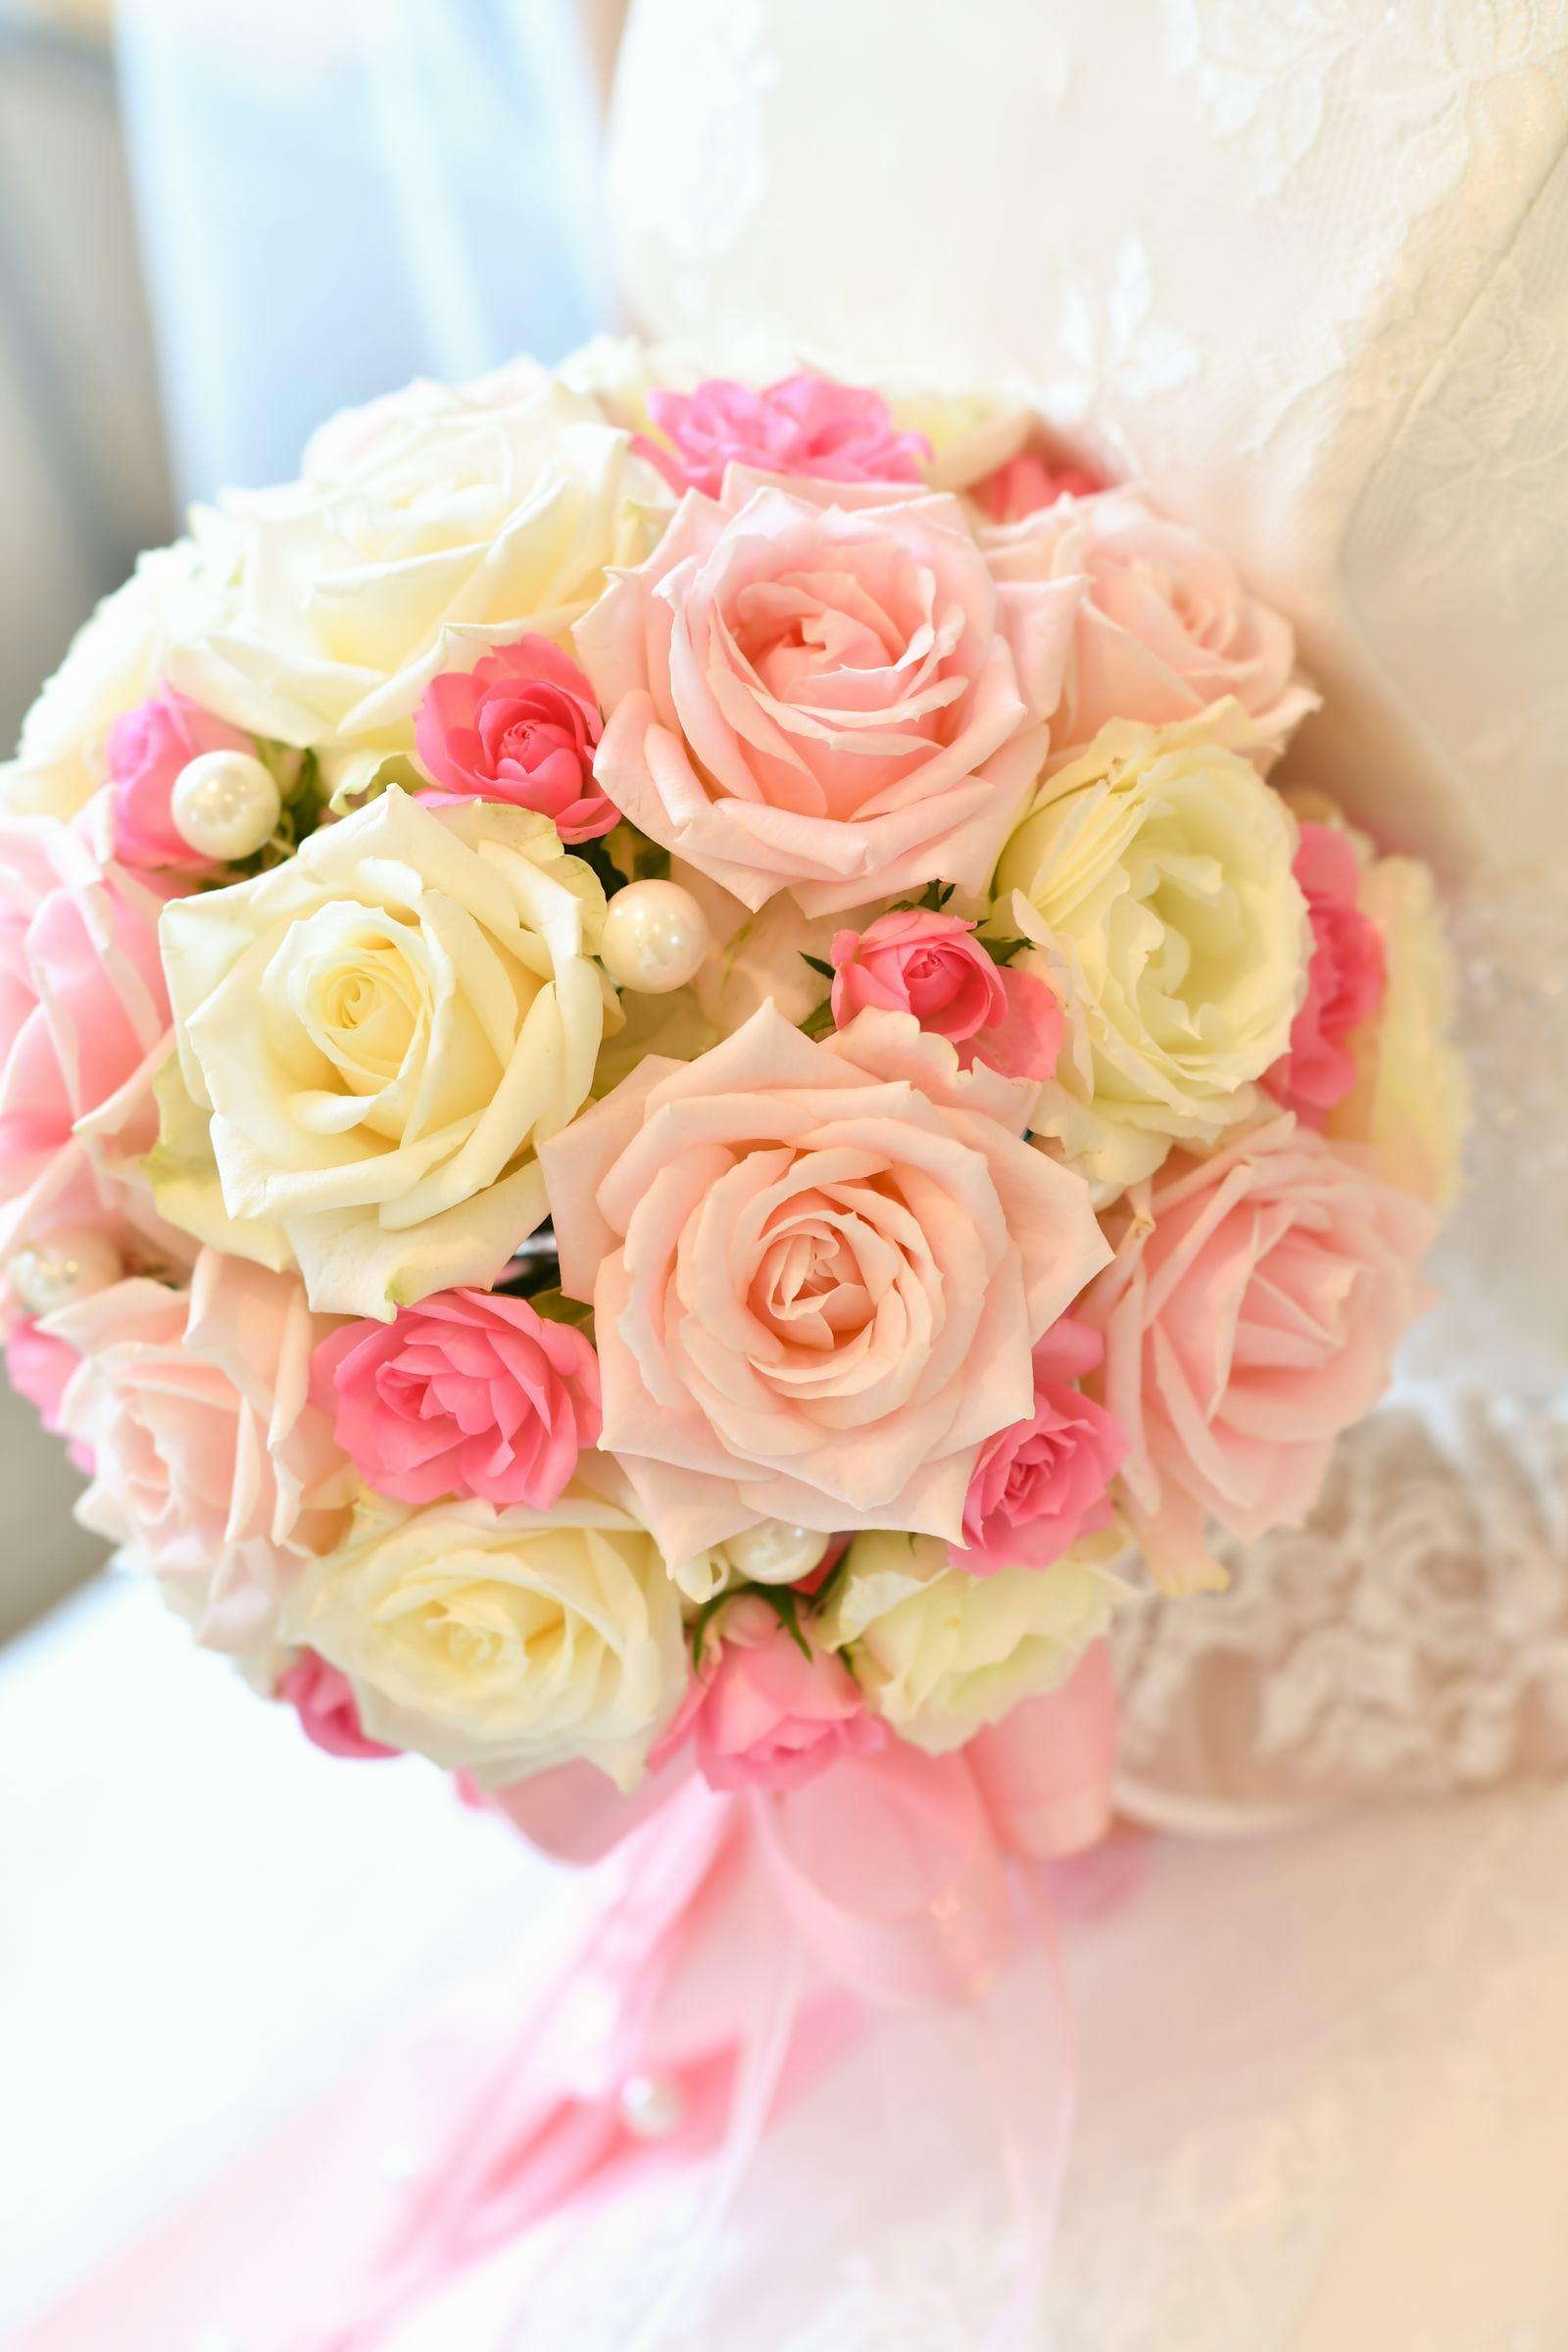 香川県の結婚式場のシェルエメール&アイスタイルのブーケ